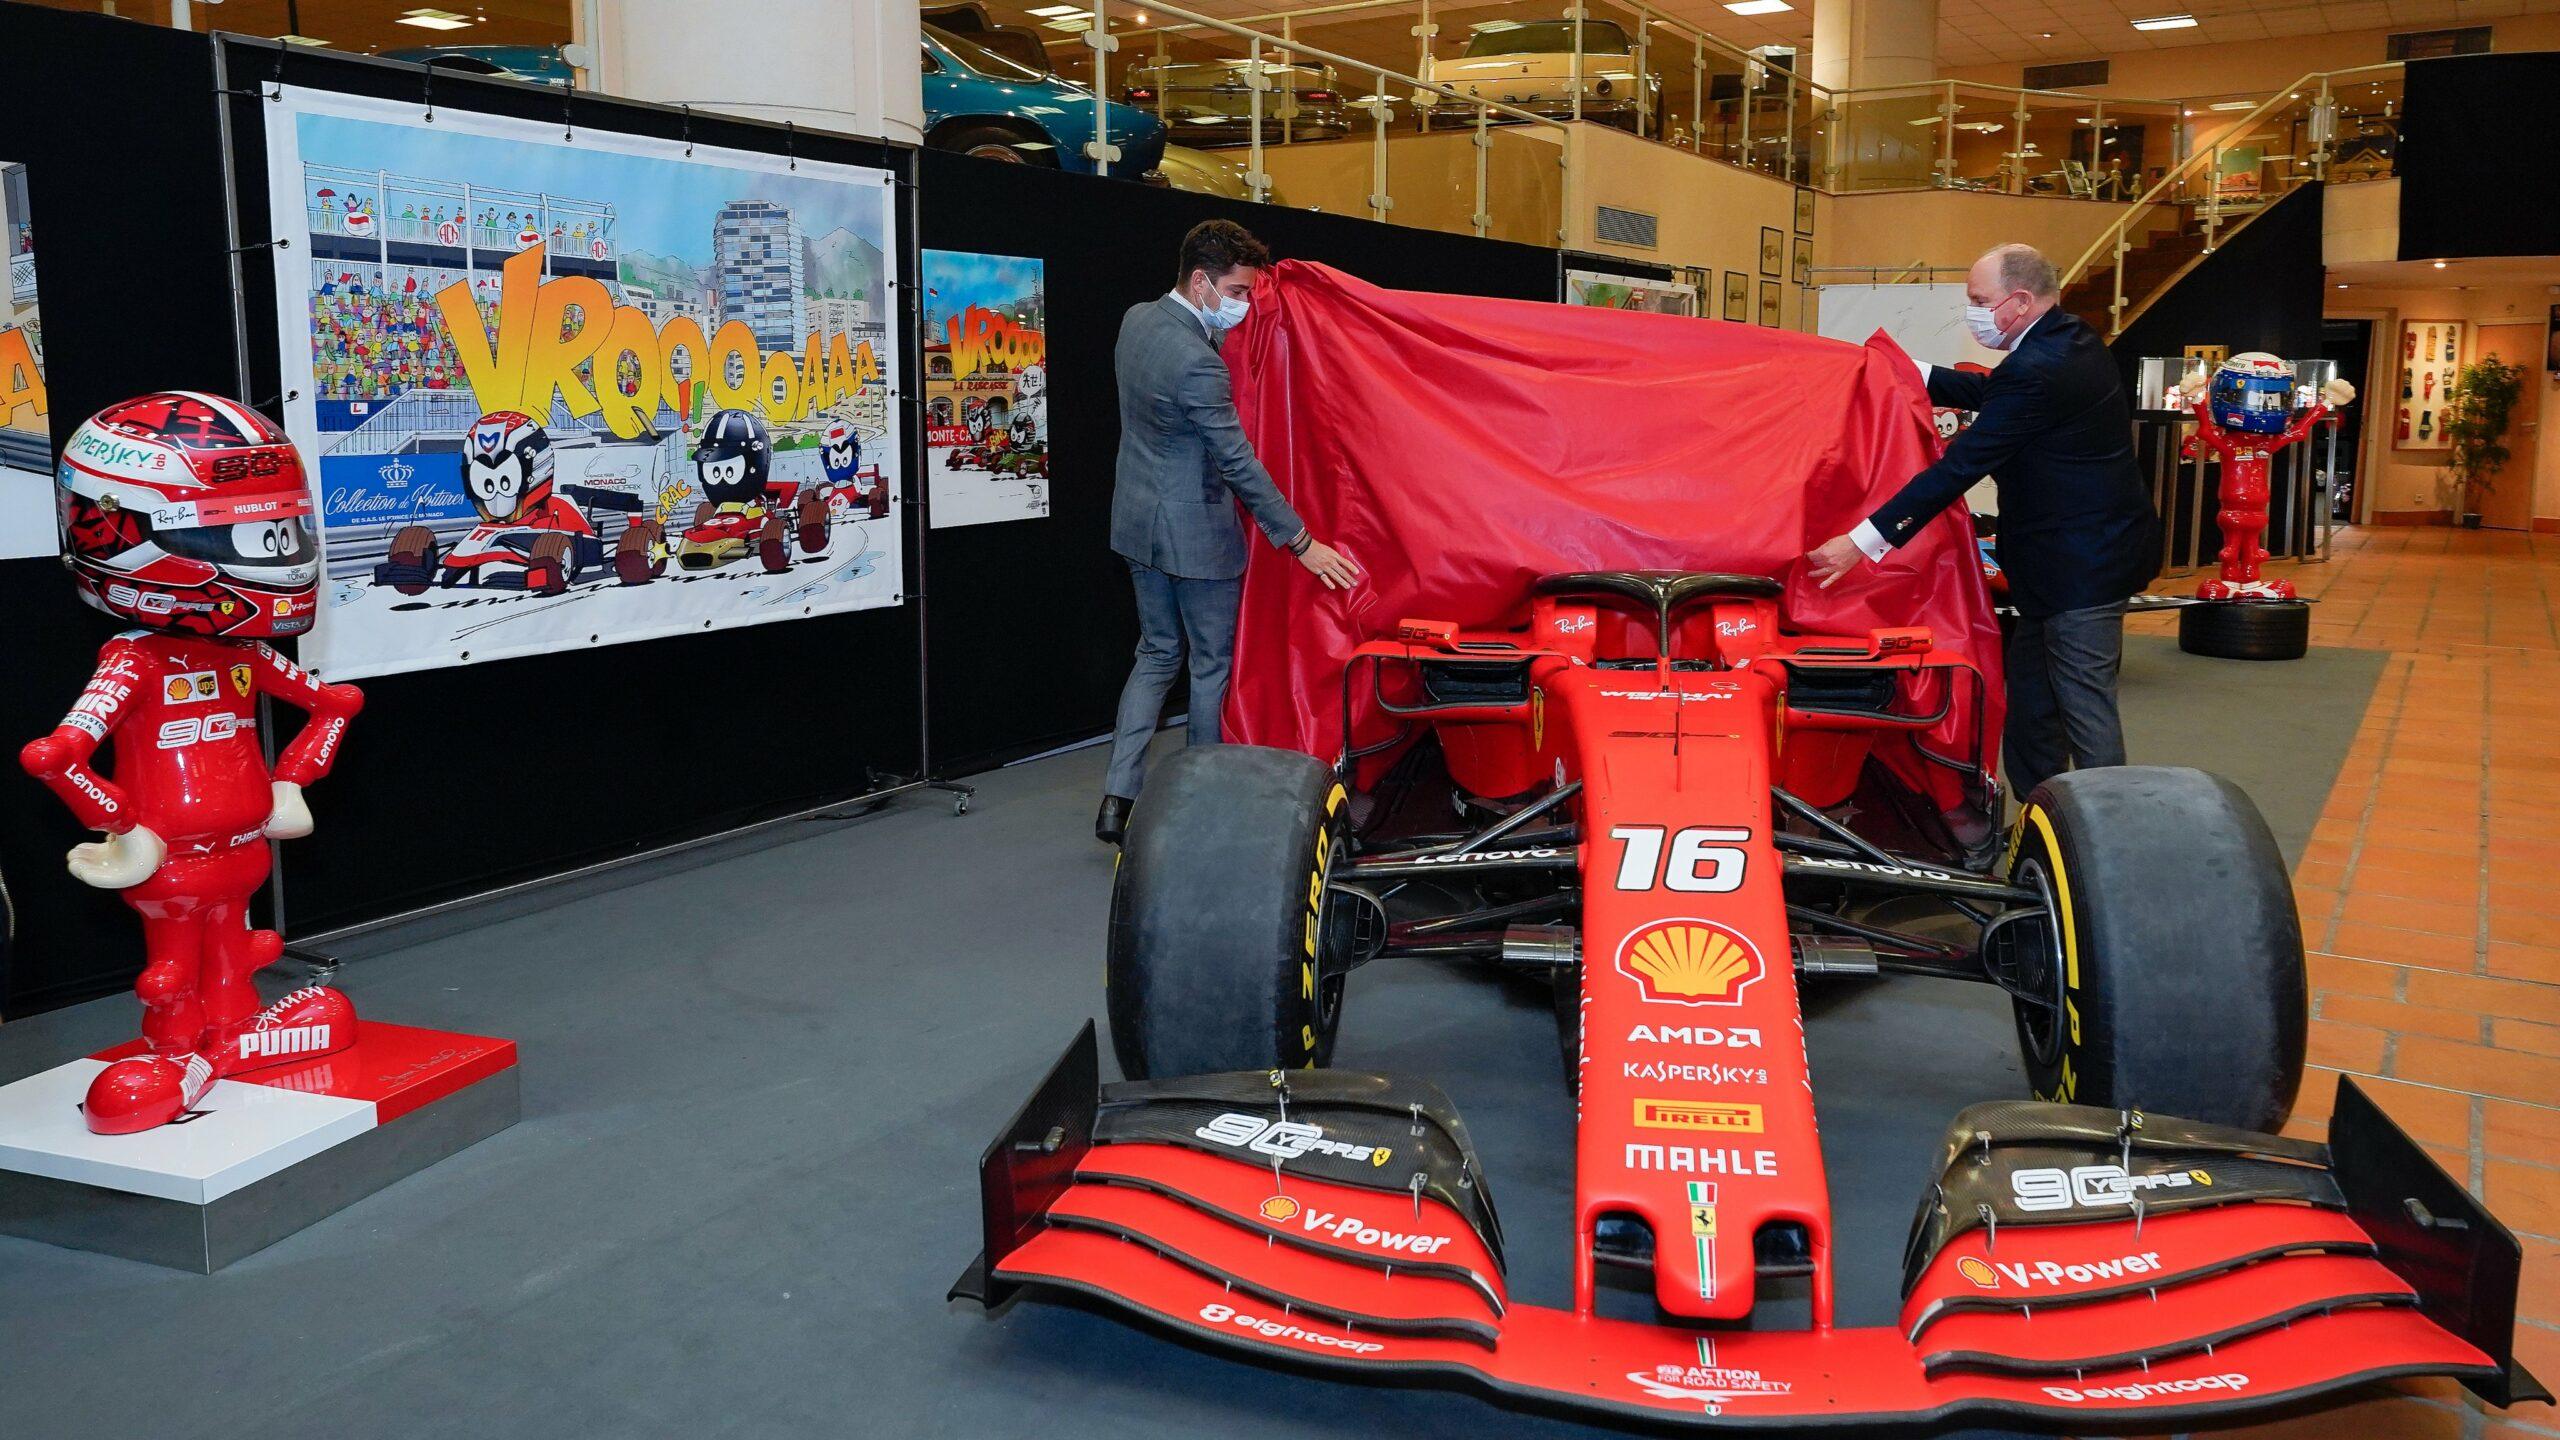 F1 - La Ferrari SF90 de Leclerc rejoint la collection du Prince à Monaco